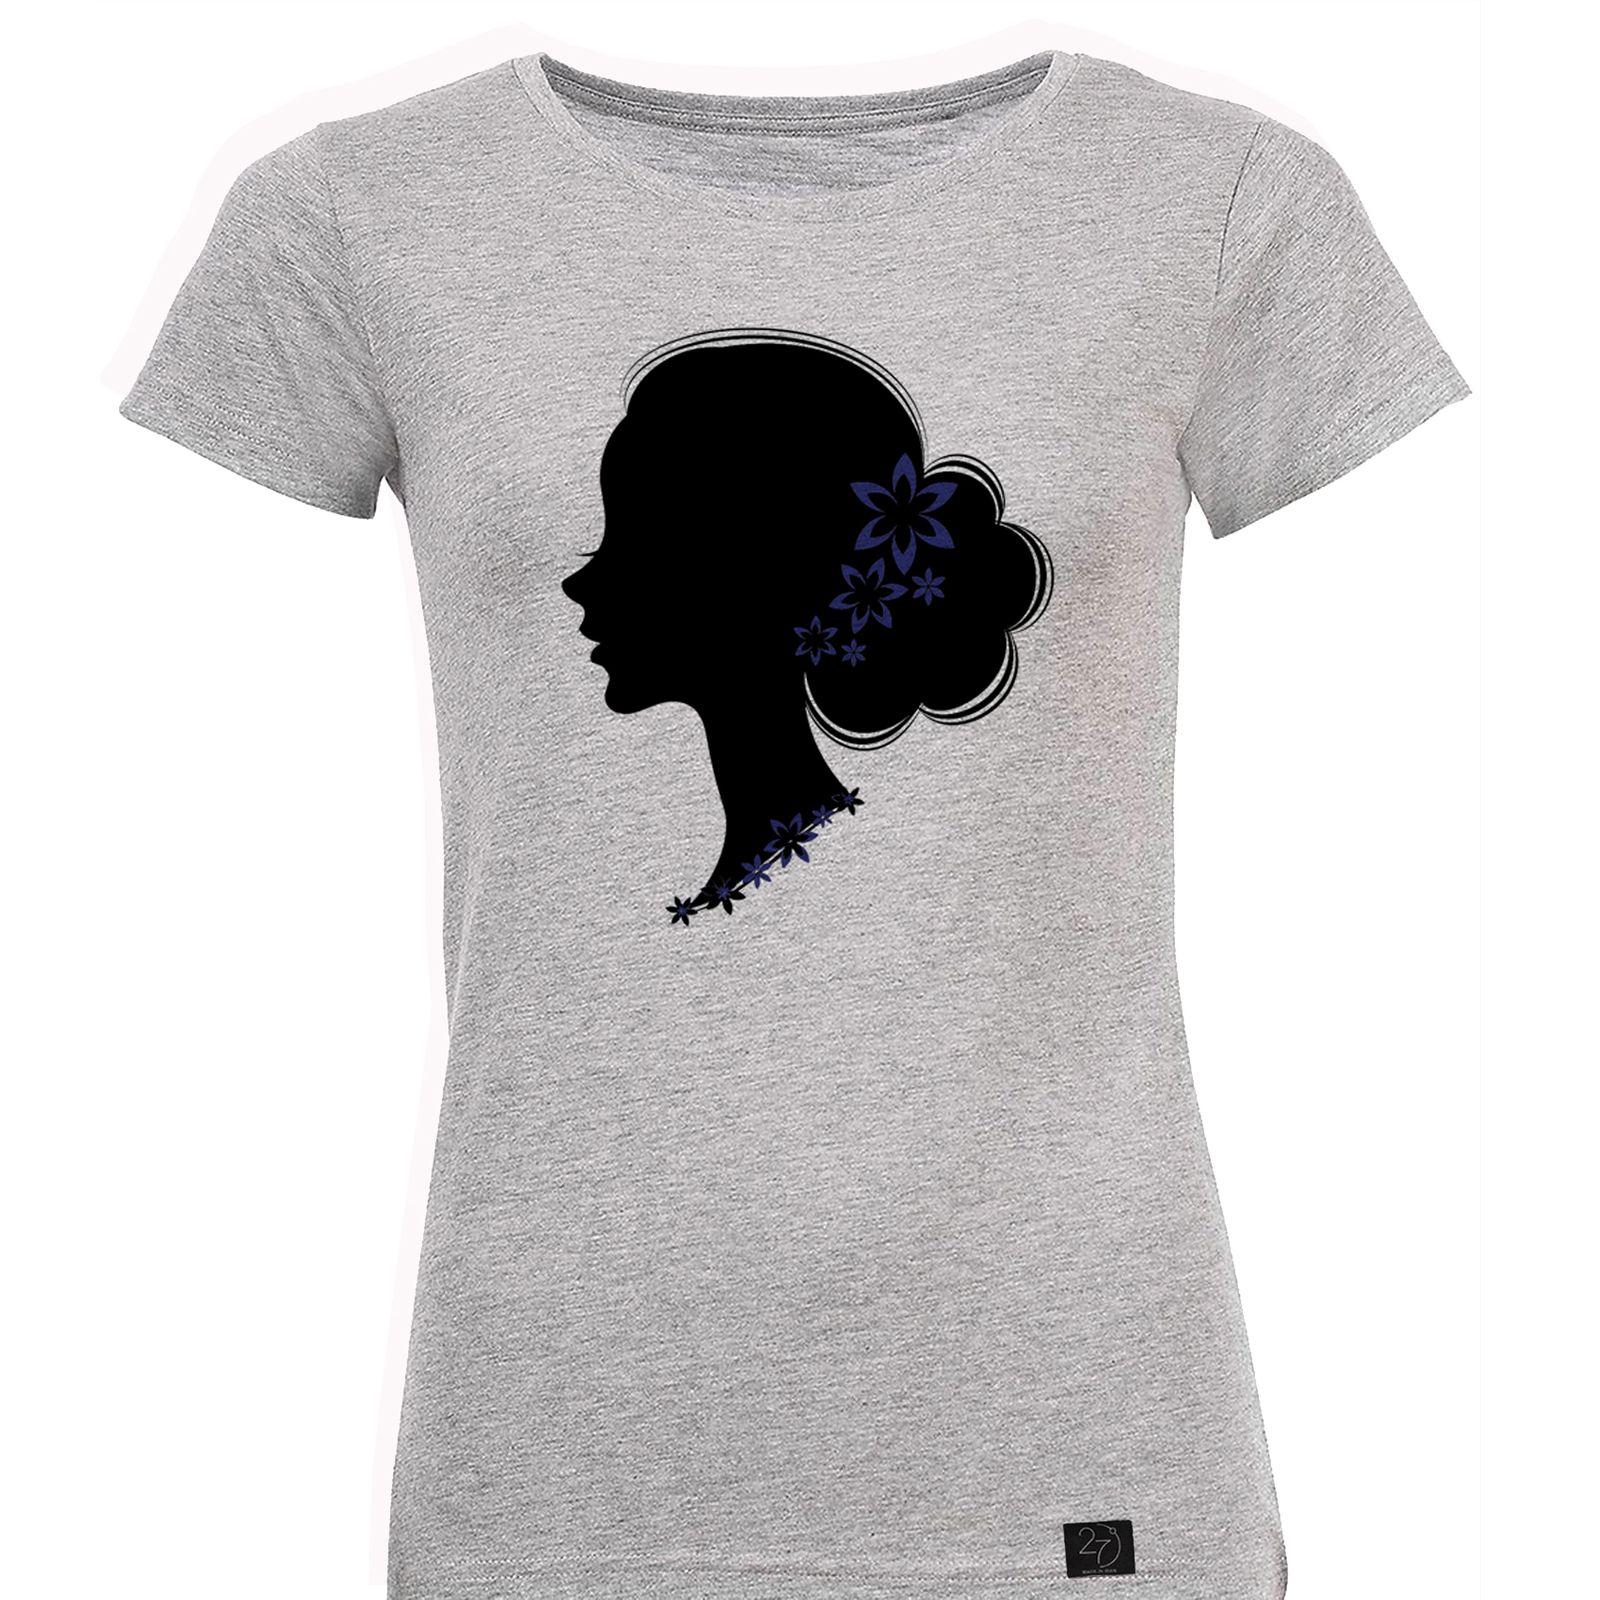 تیشرت زنانه 27 طرح نیمرخ کد J04 -  - 2